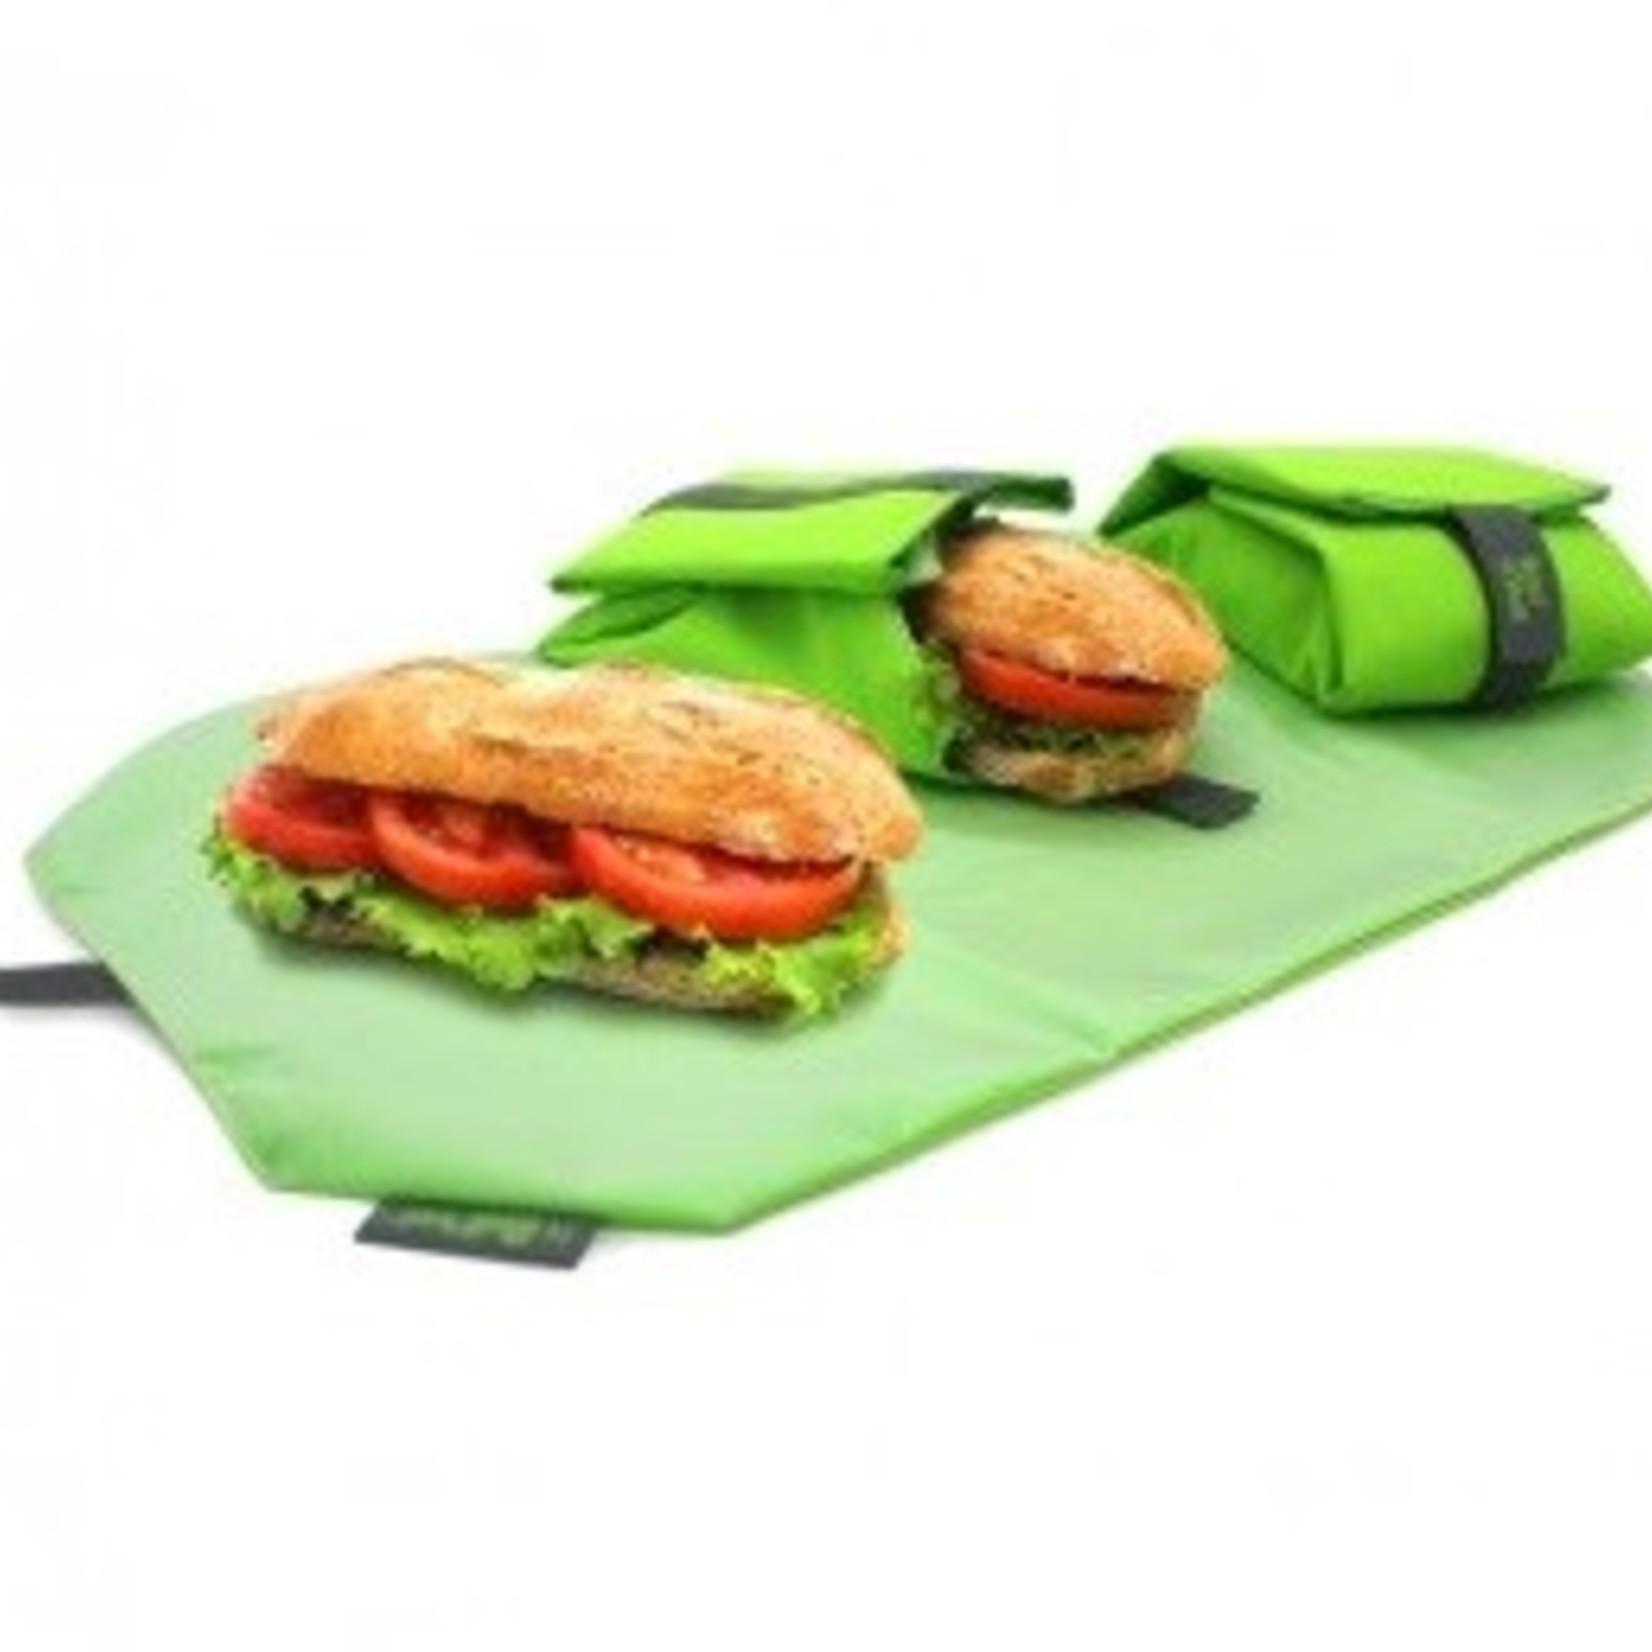 Roll'Eat Lunchwrap van ecologisch katoen, voor een verse lunch.